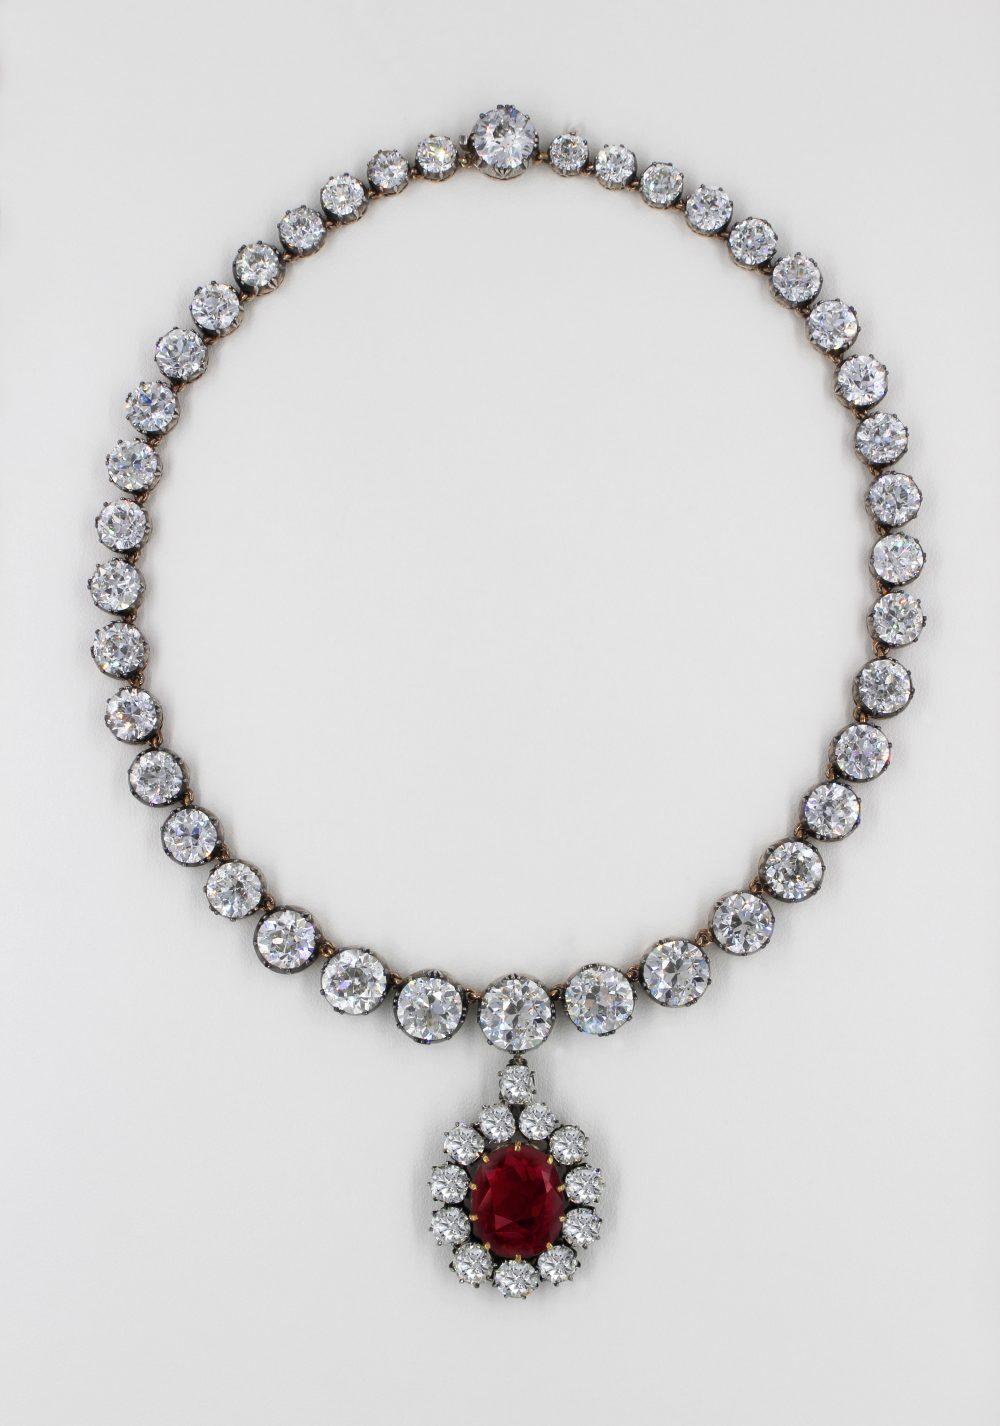 Girocollo di diamanti taglio brillante e pendente rubino ovale sangue di piccione, del peso di 15 kt, firmata DeGem